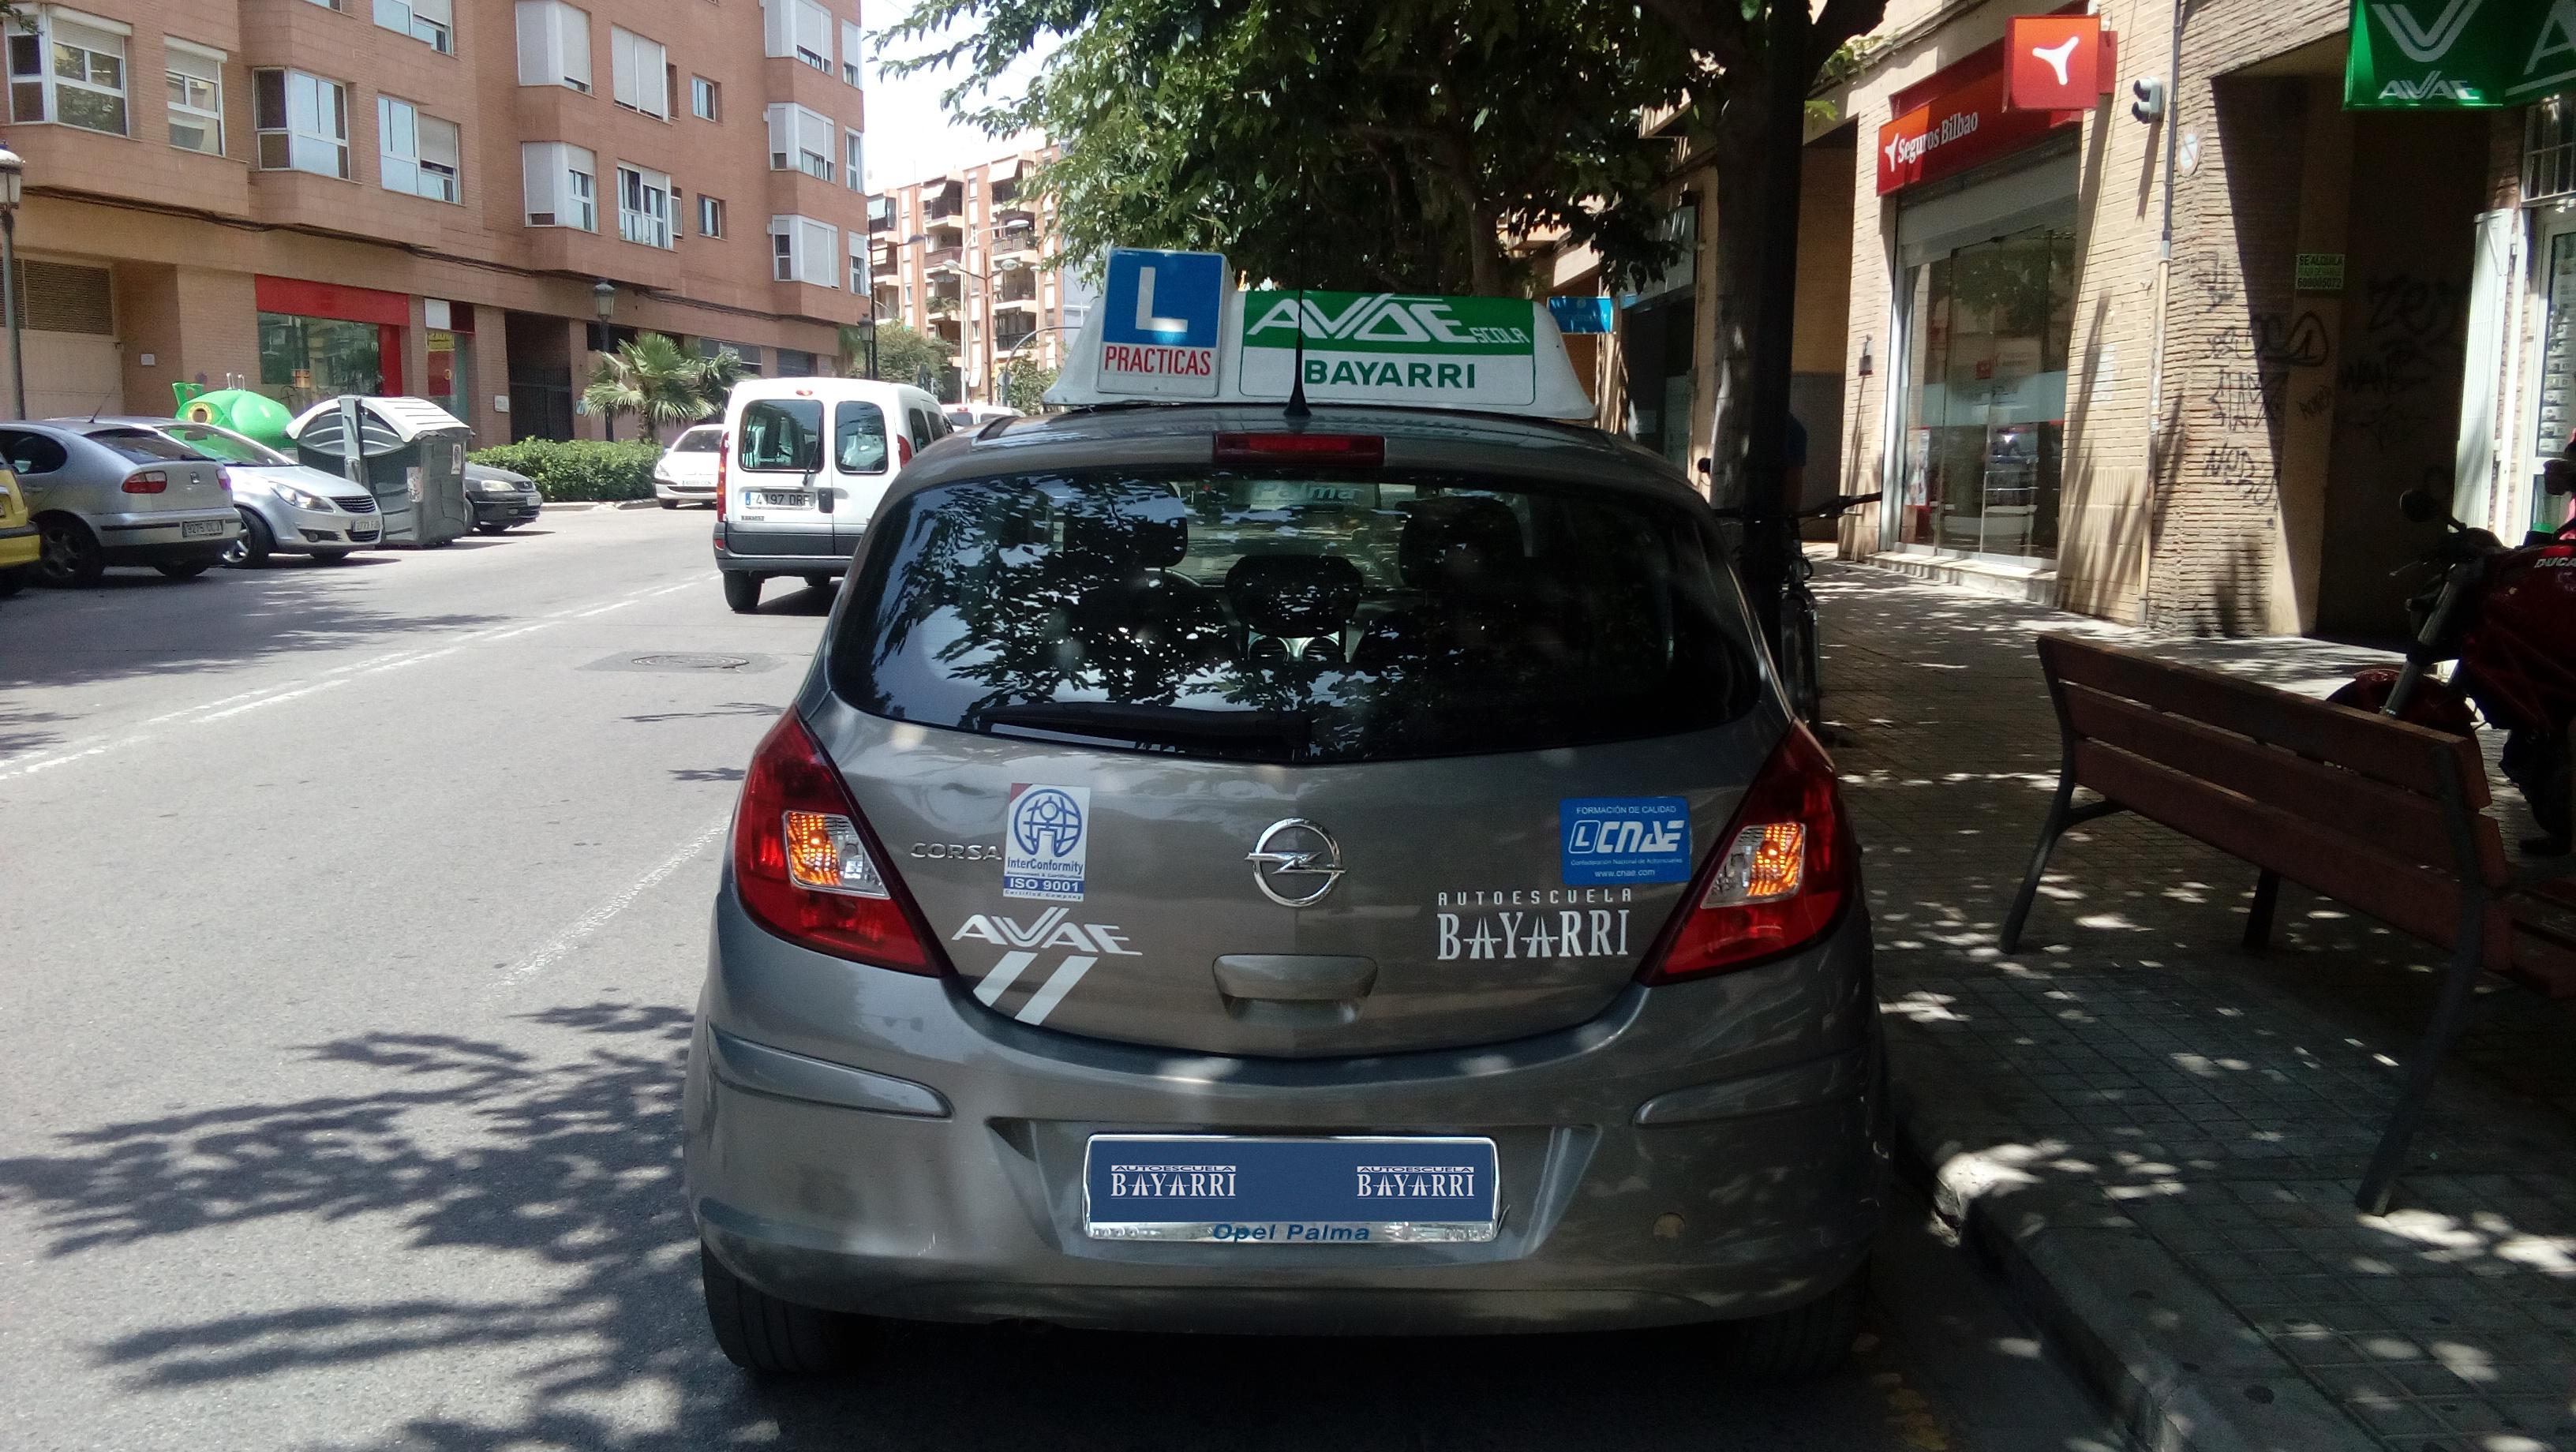 coche 1 trasera